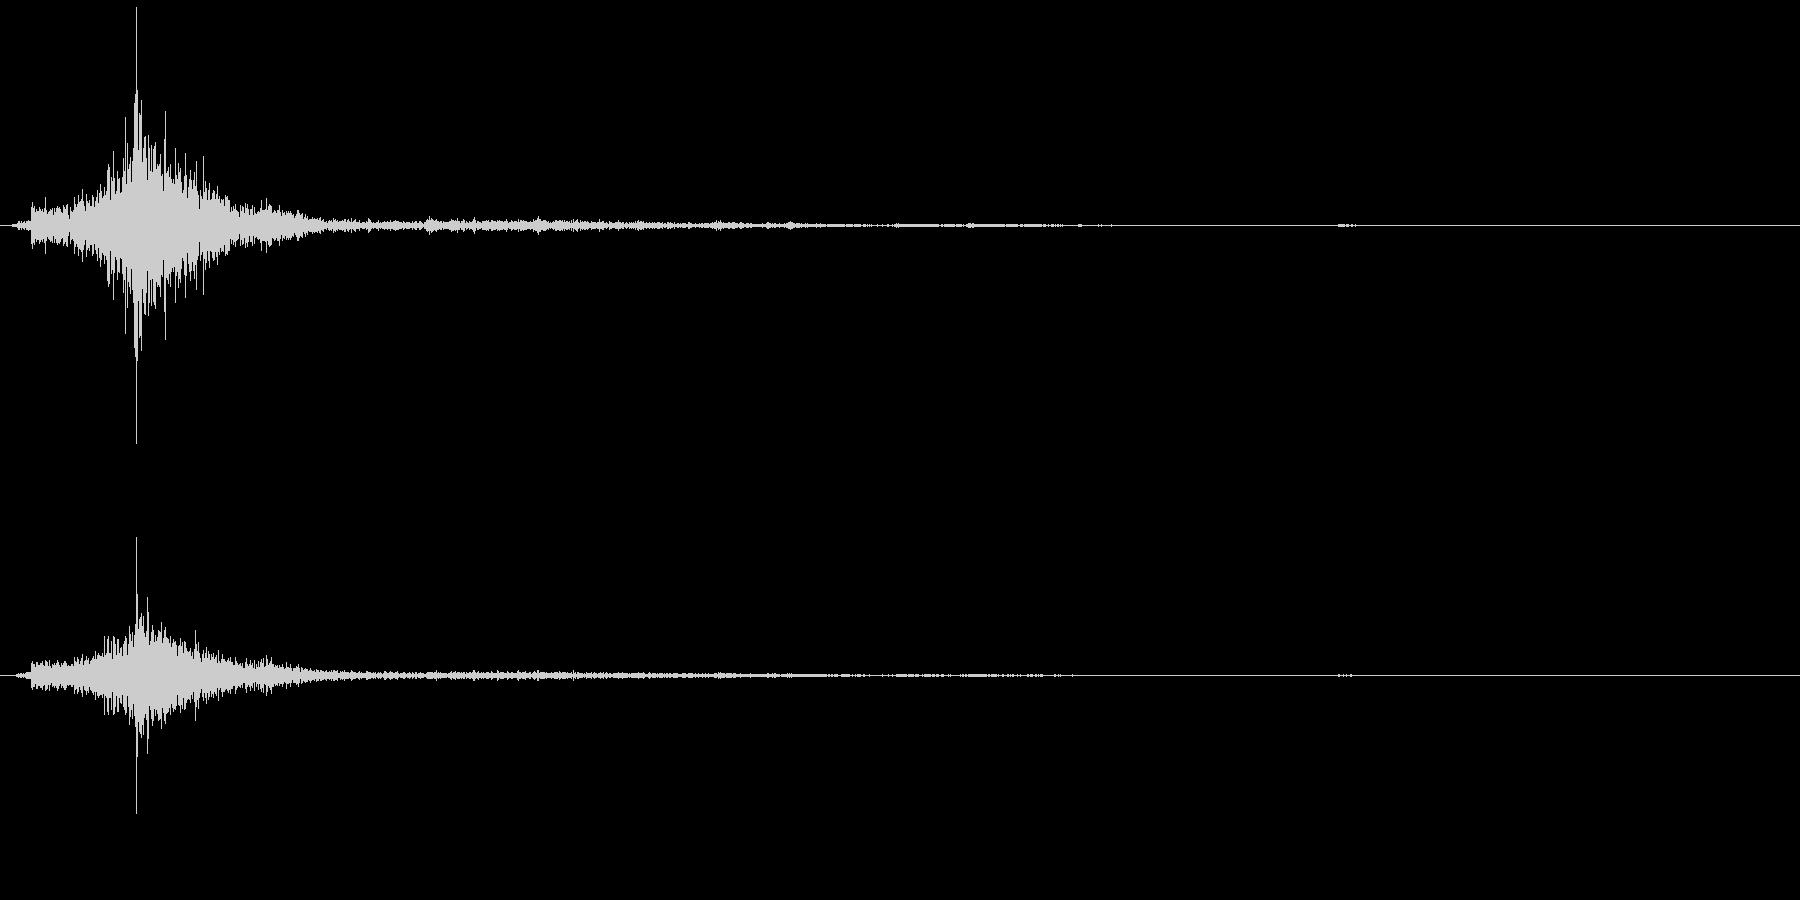 【機械/ロボット系014】装着系の未再生の波形